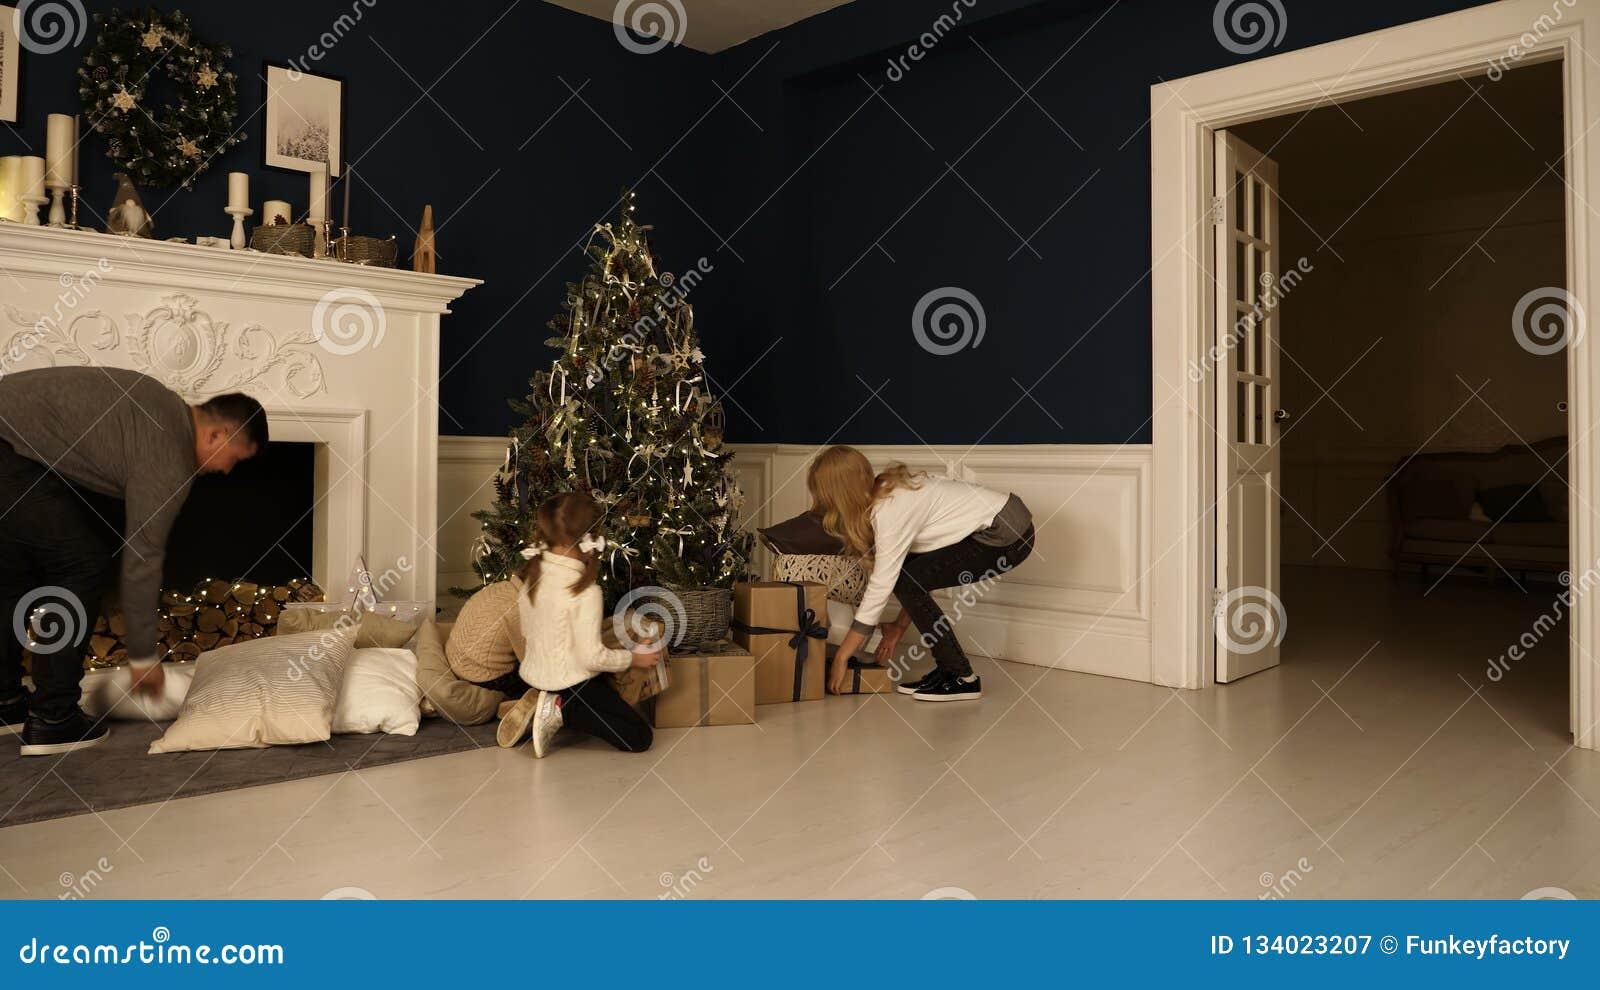 Οι ευτυχείς οικογενειακοί περίπατοι στο καθιστικό για να ελέγξουν παρουσιάζουν κάτω από το χριστουγεννιάτικο δέντρο